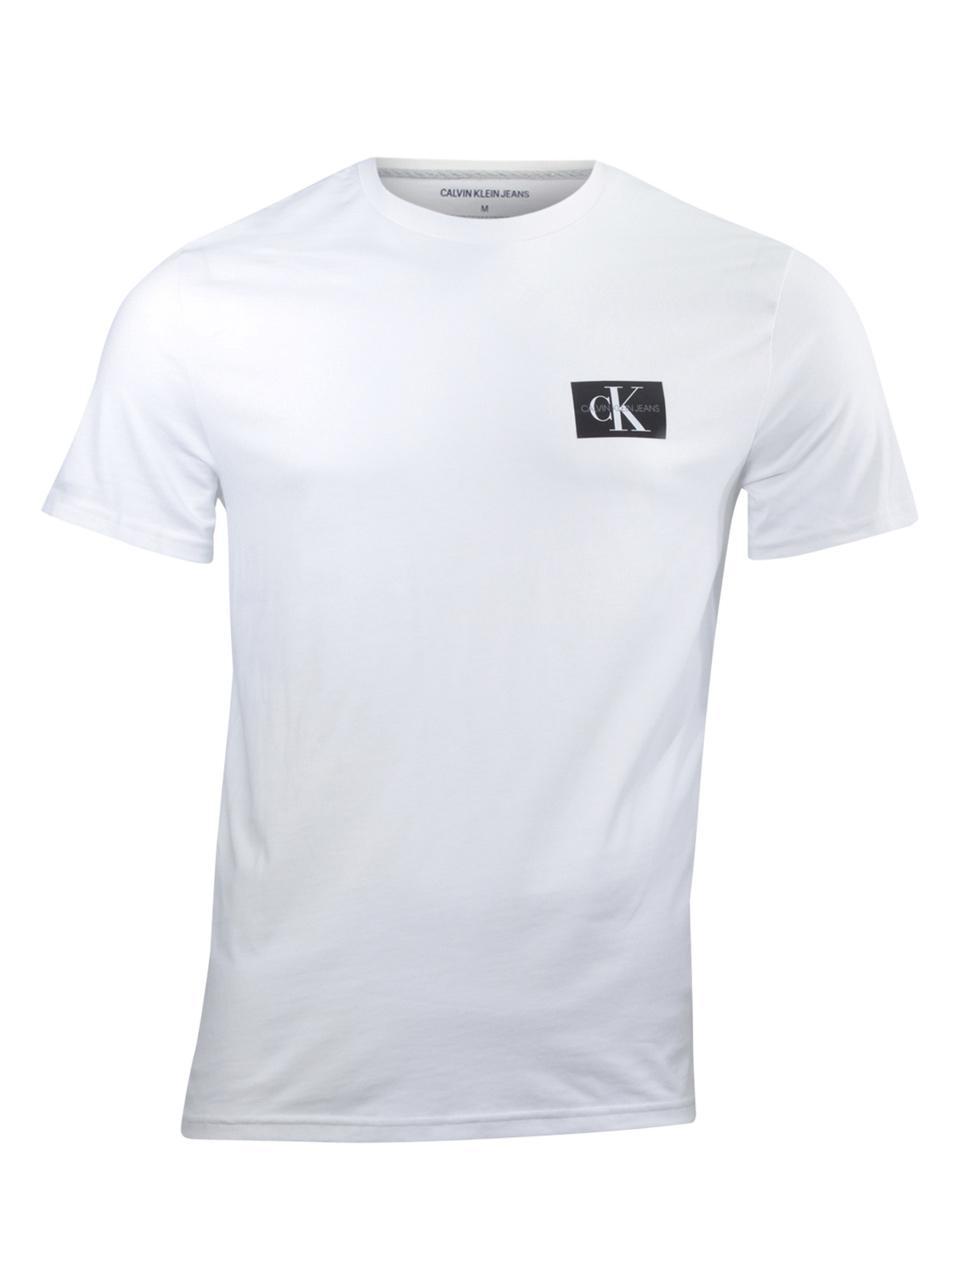 Image of - Brilliant White - Large